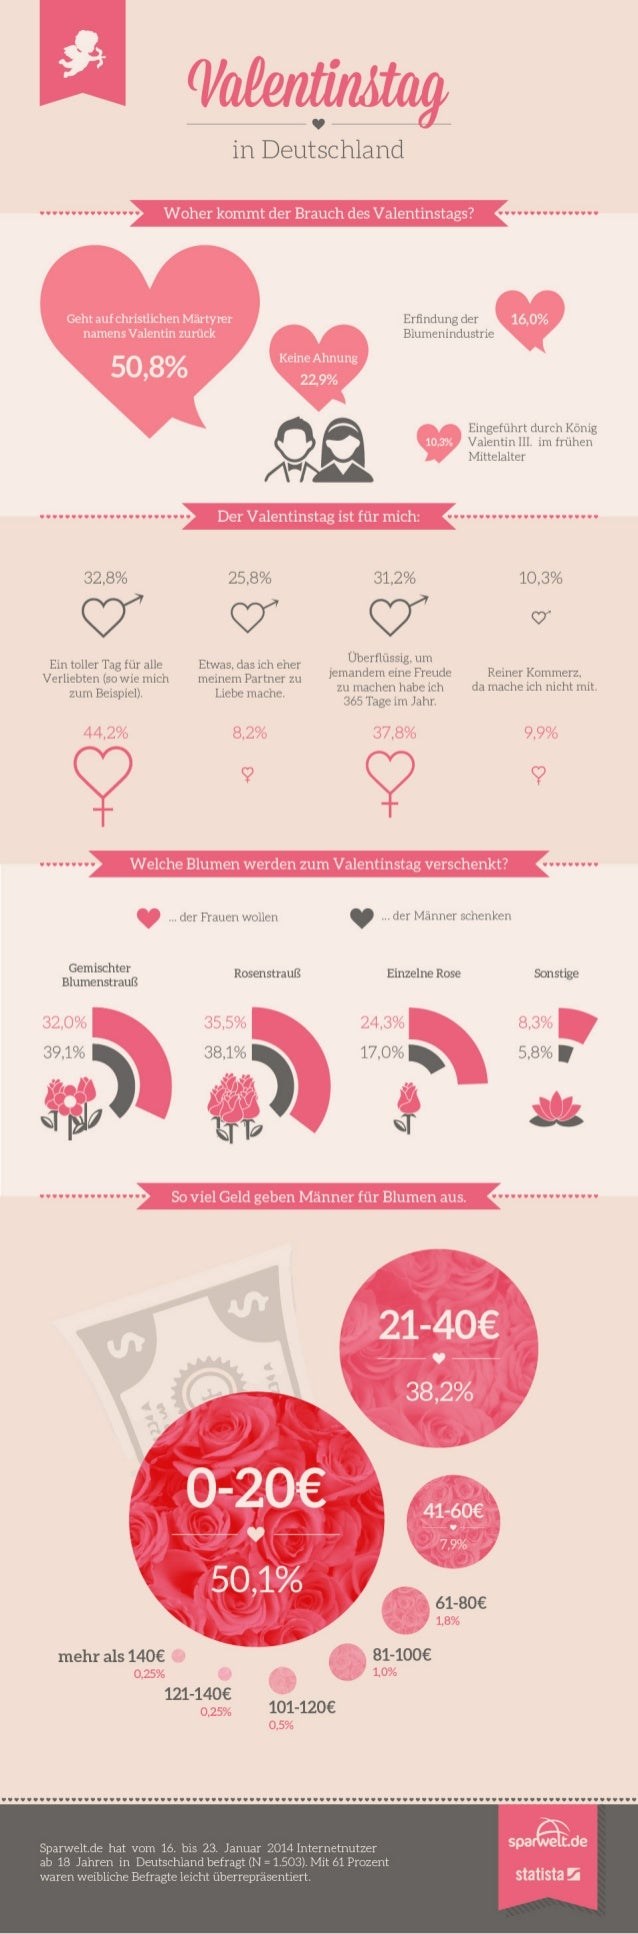 Sparwelt.de & Statista.de Infografik zum Blumenkauf am Valentinstag 2014